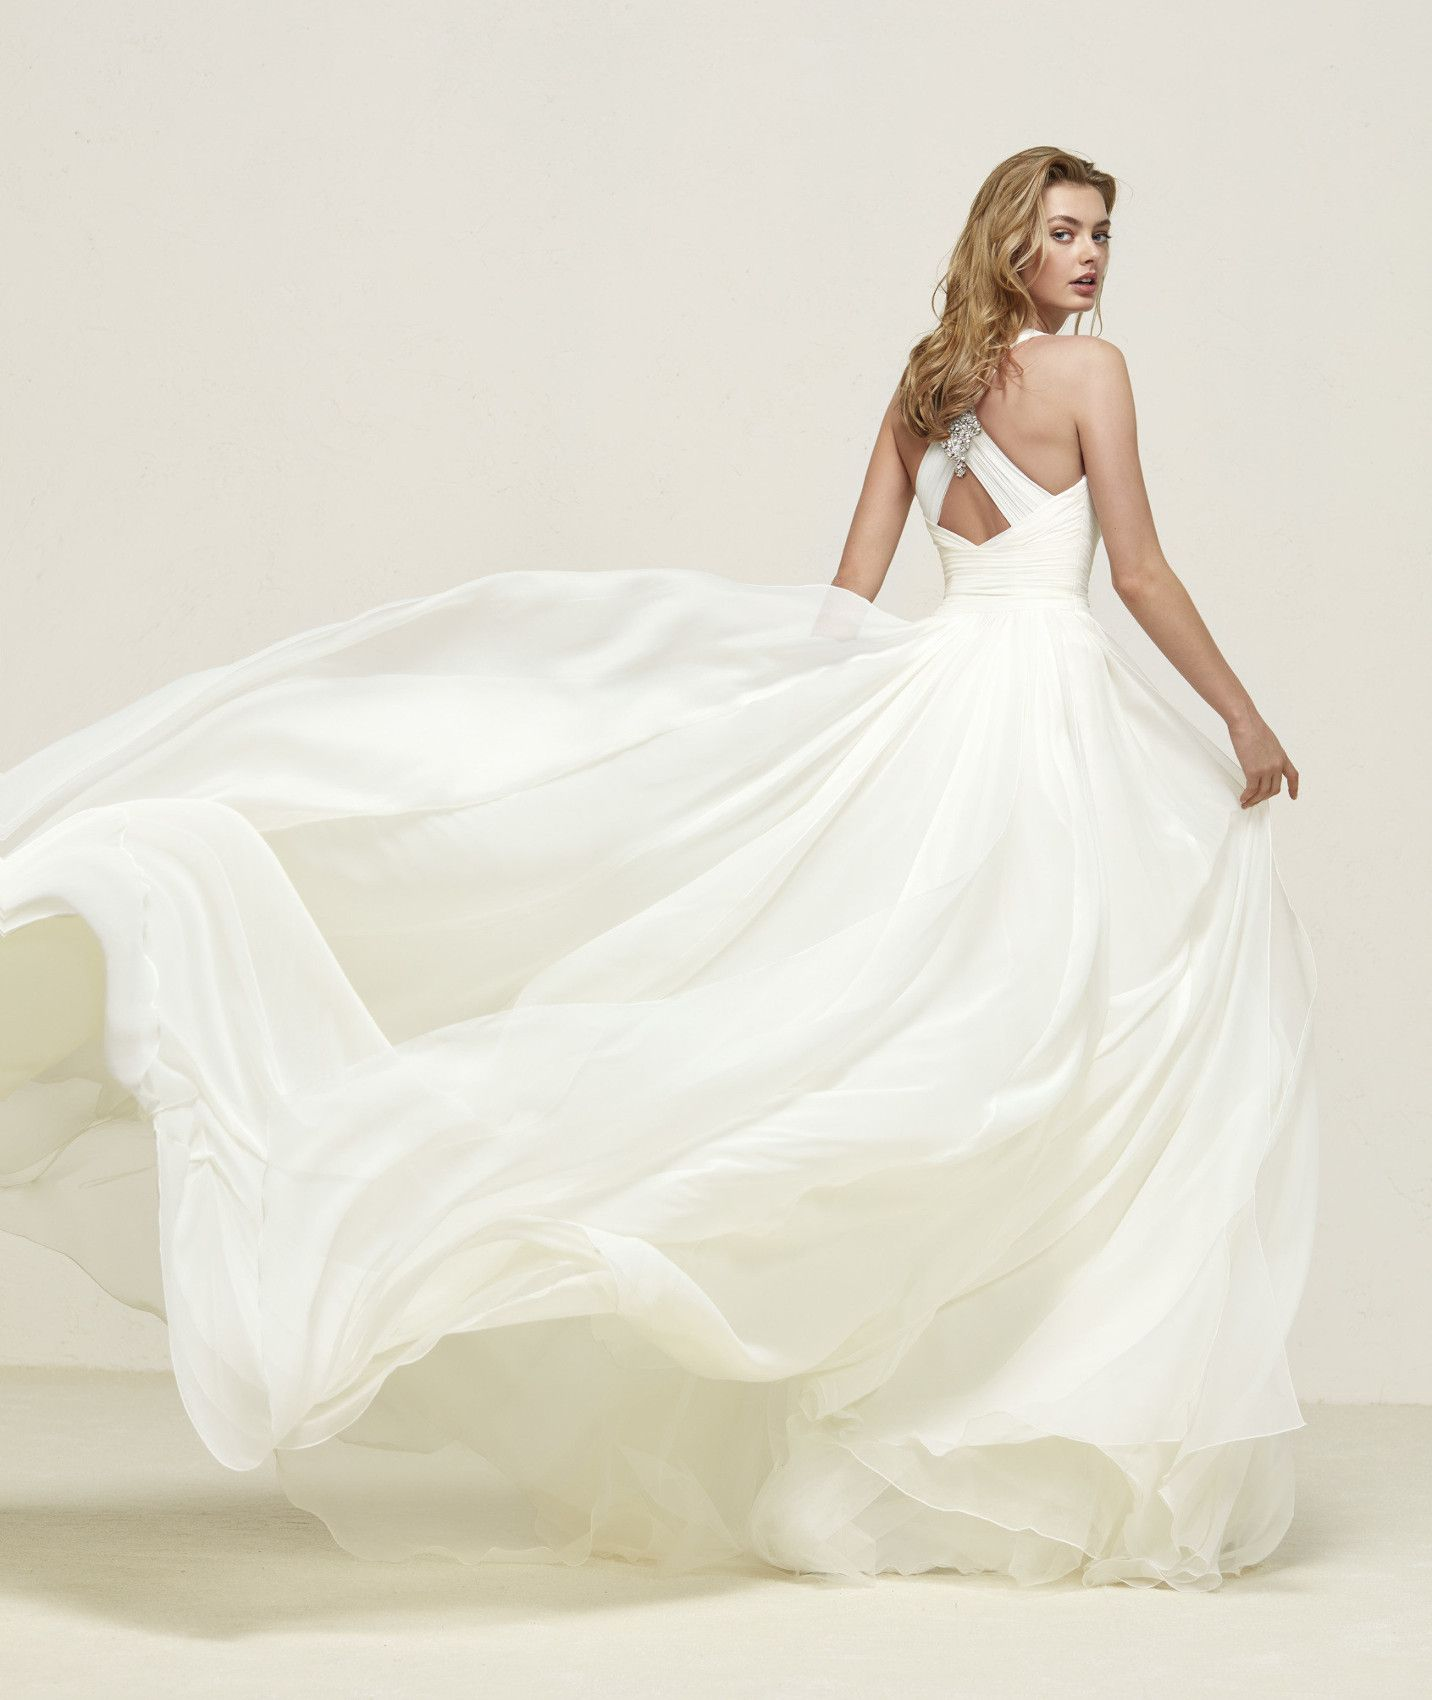 f4c29f34 Let fald simpel brudekjole. Www.lovelybride.dk #brudekjole #letbrudekjole